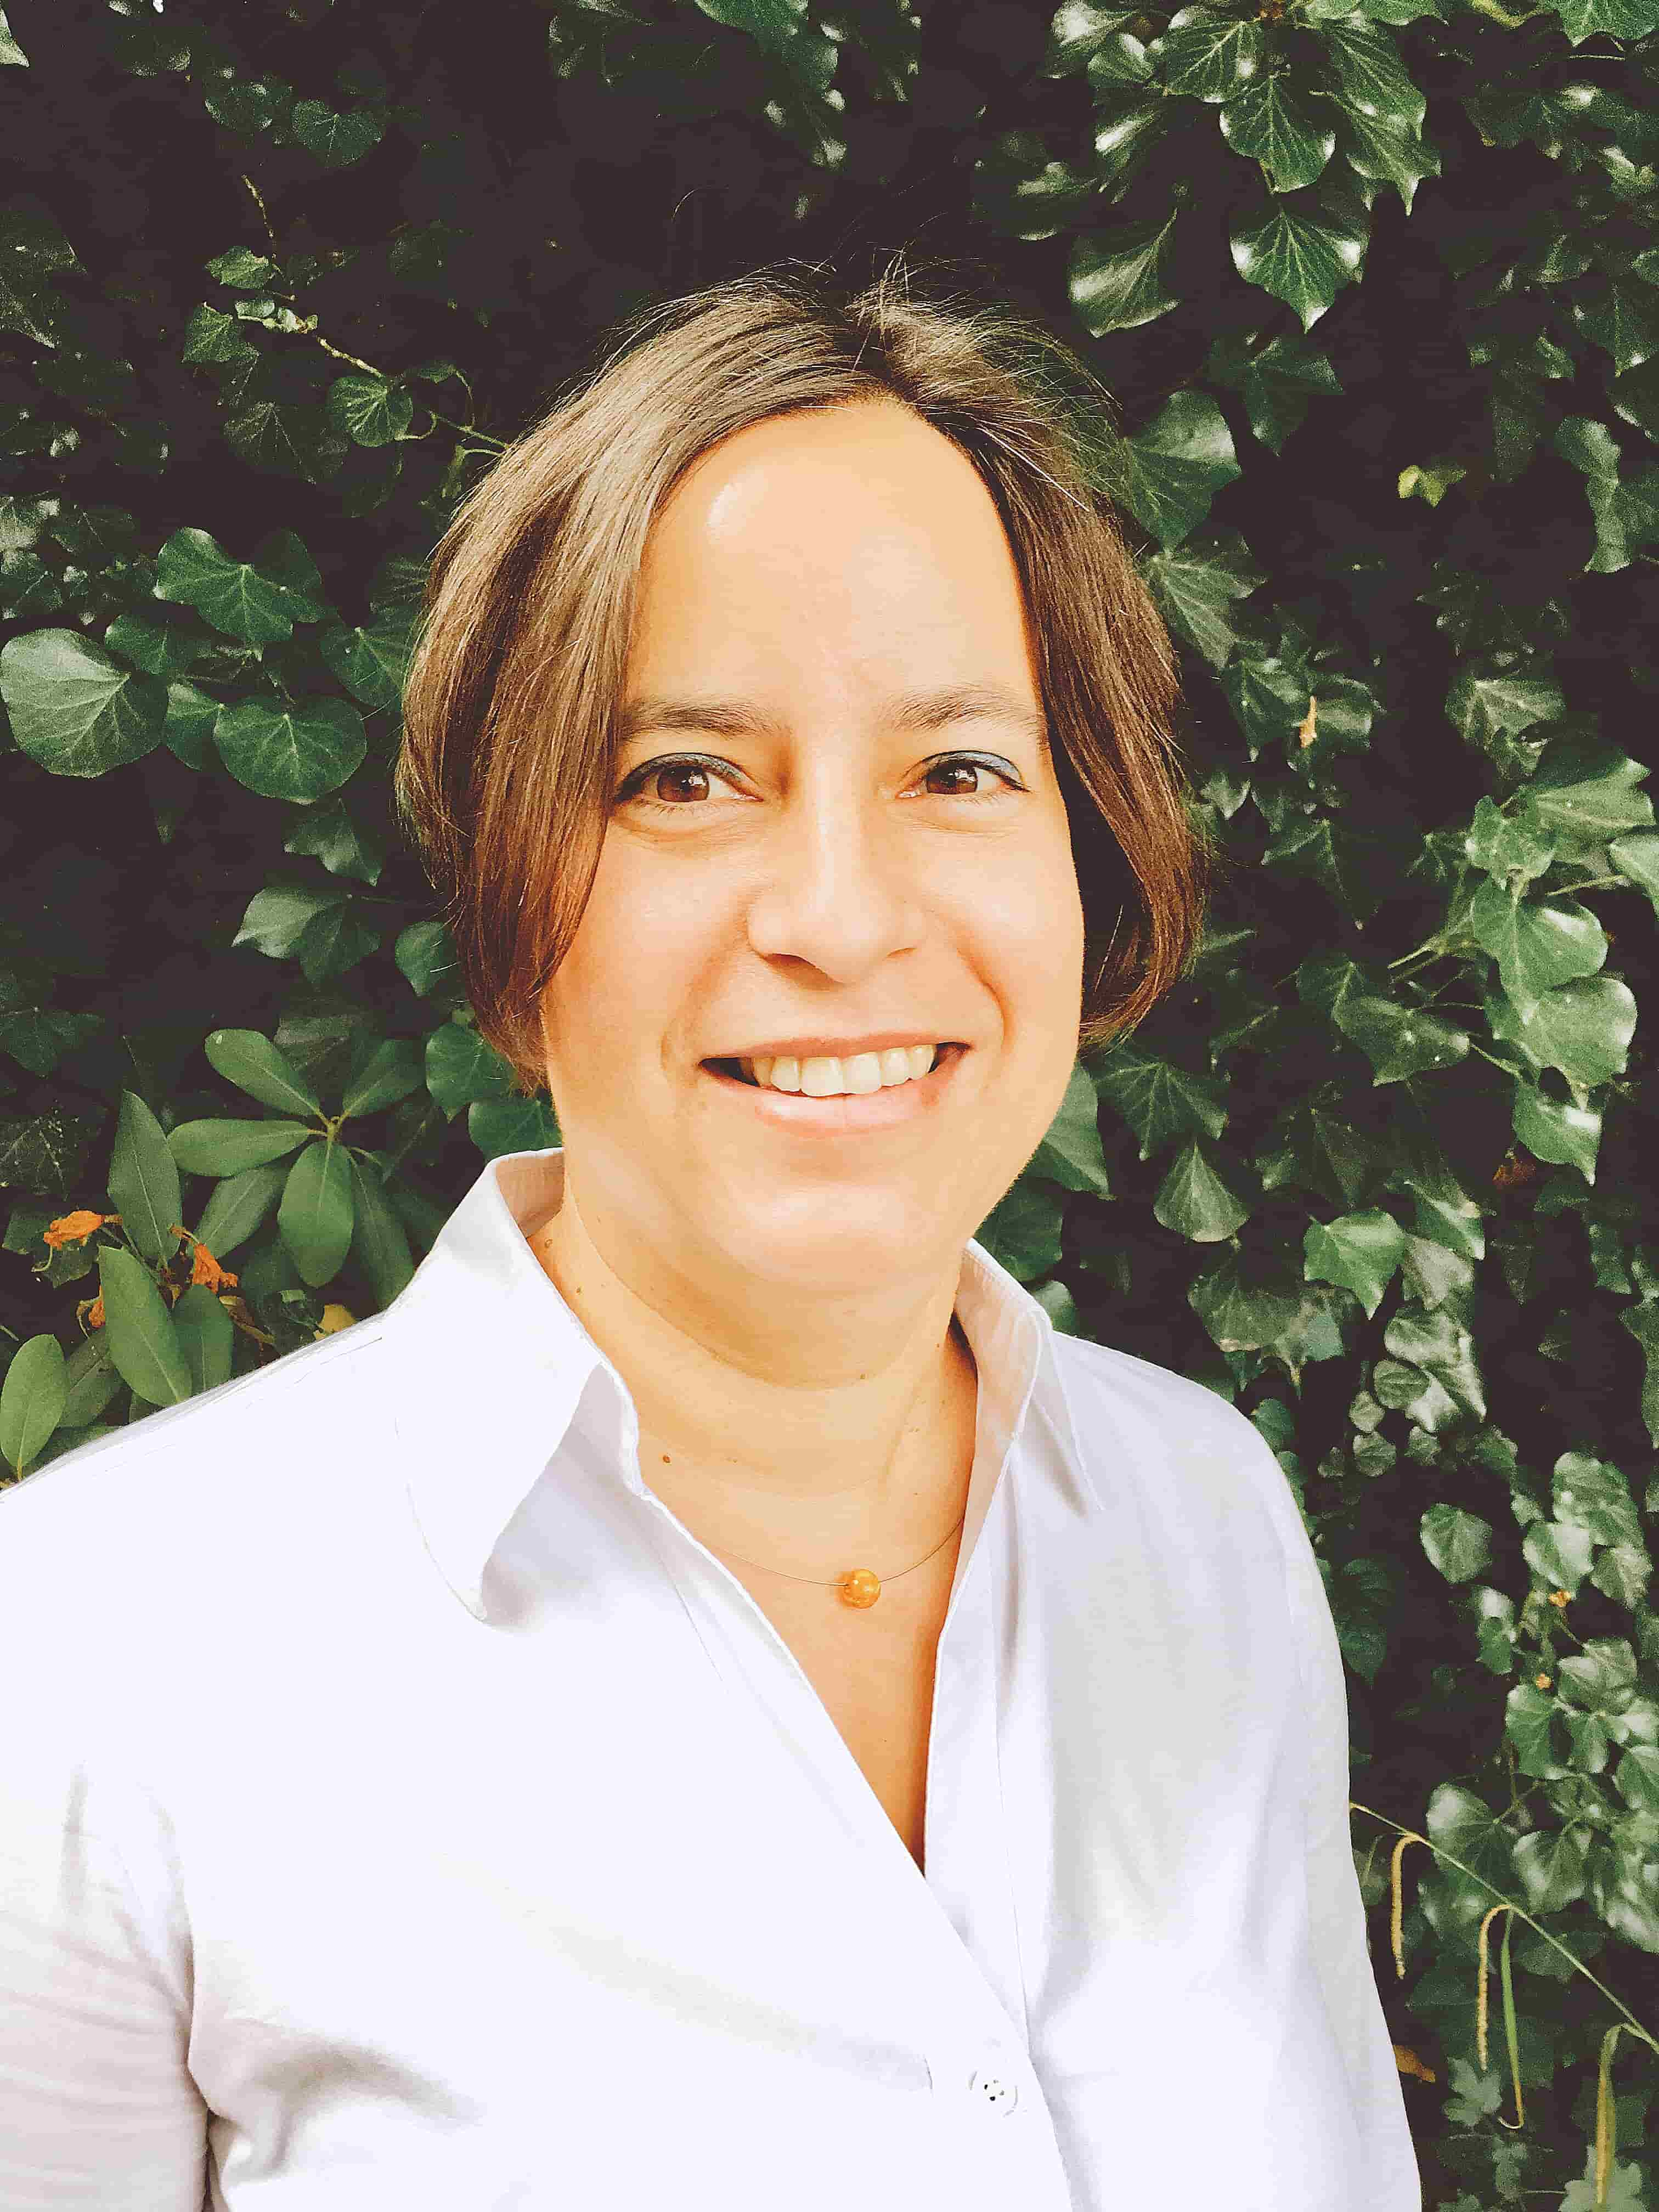 Marita Lüben ist Gründer von HR Consultion